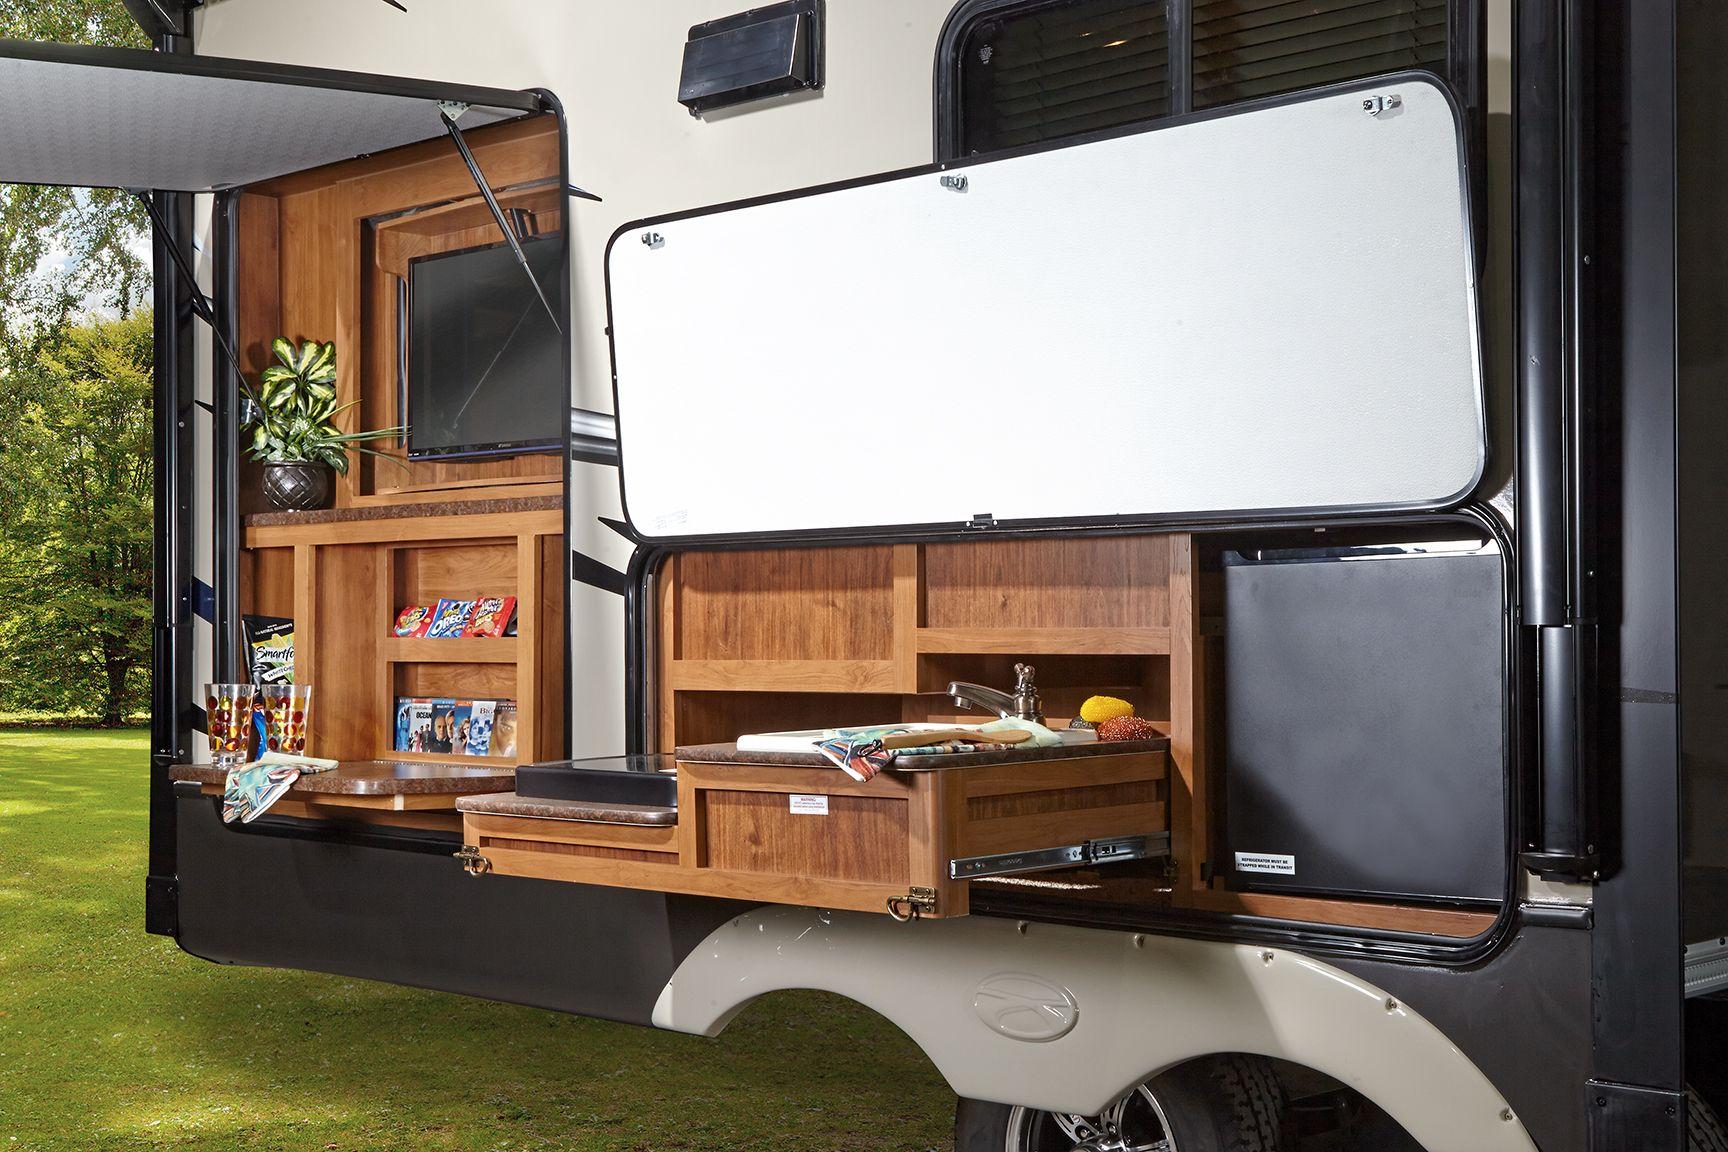 sunset outdoor kitchen camping pinterest on outdoor kitchen on wheels id=53302